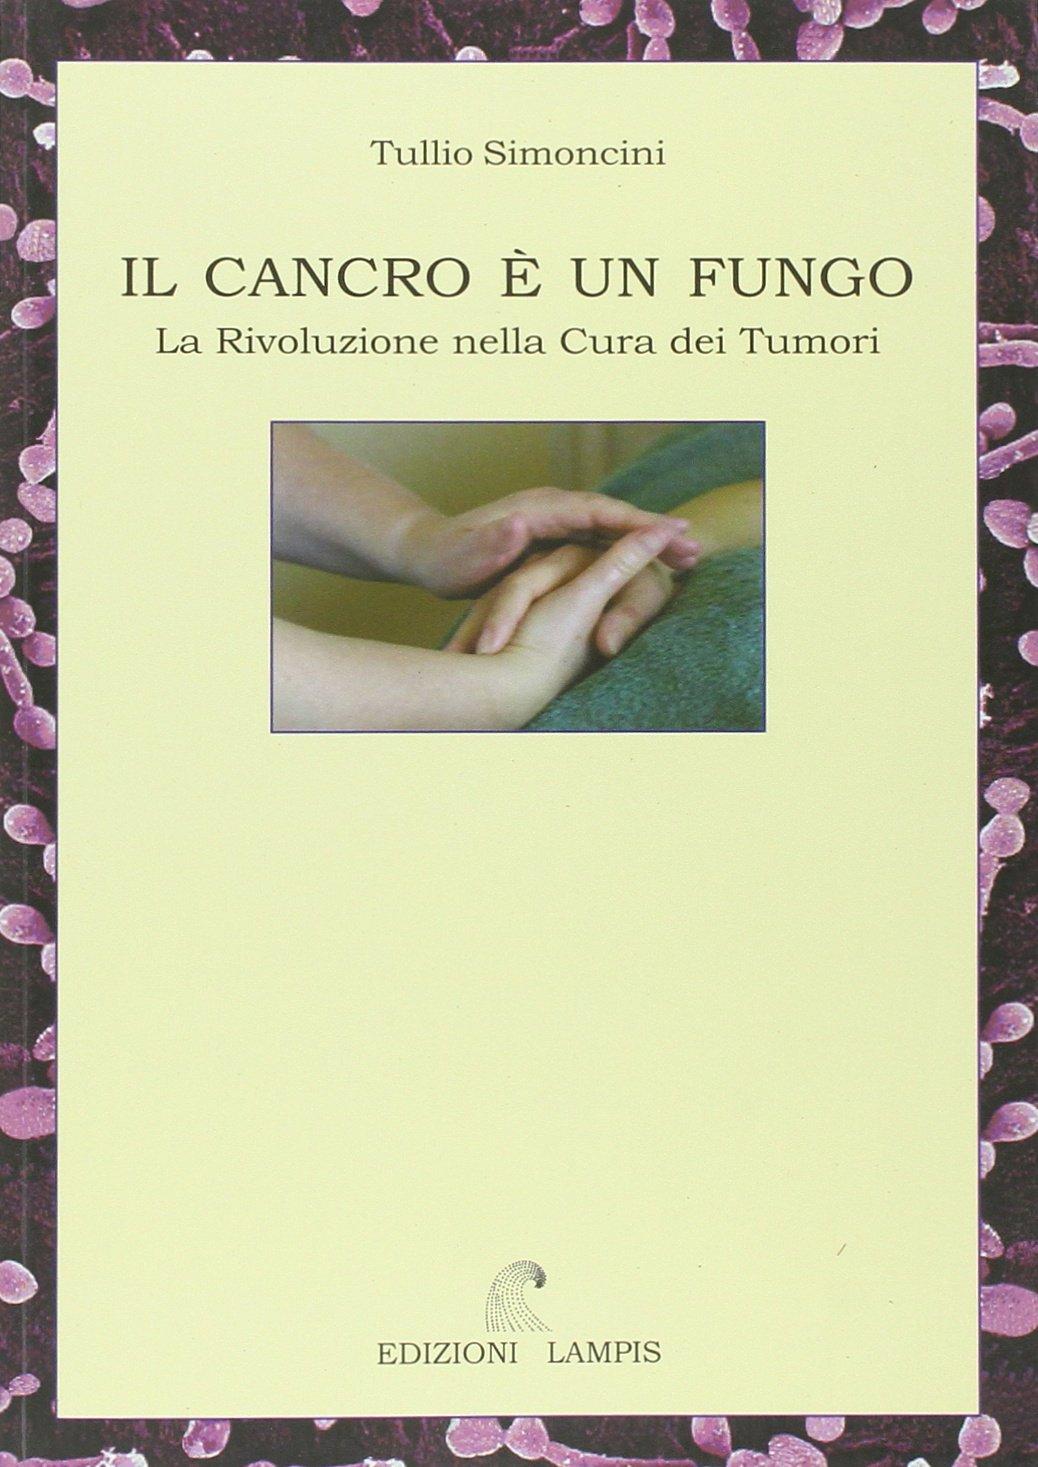 """""""Il cancro è un fungo"""": su eBay il libro messo al bando di Tullio Simoncini"""